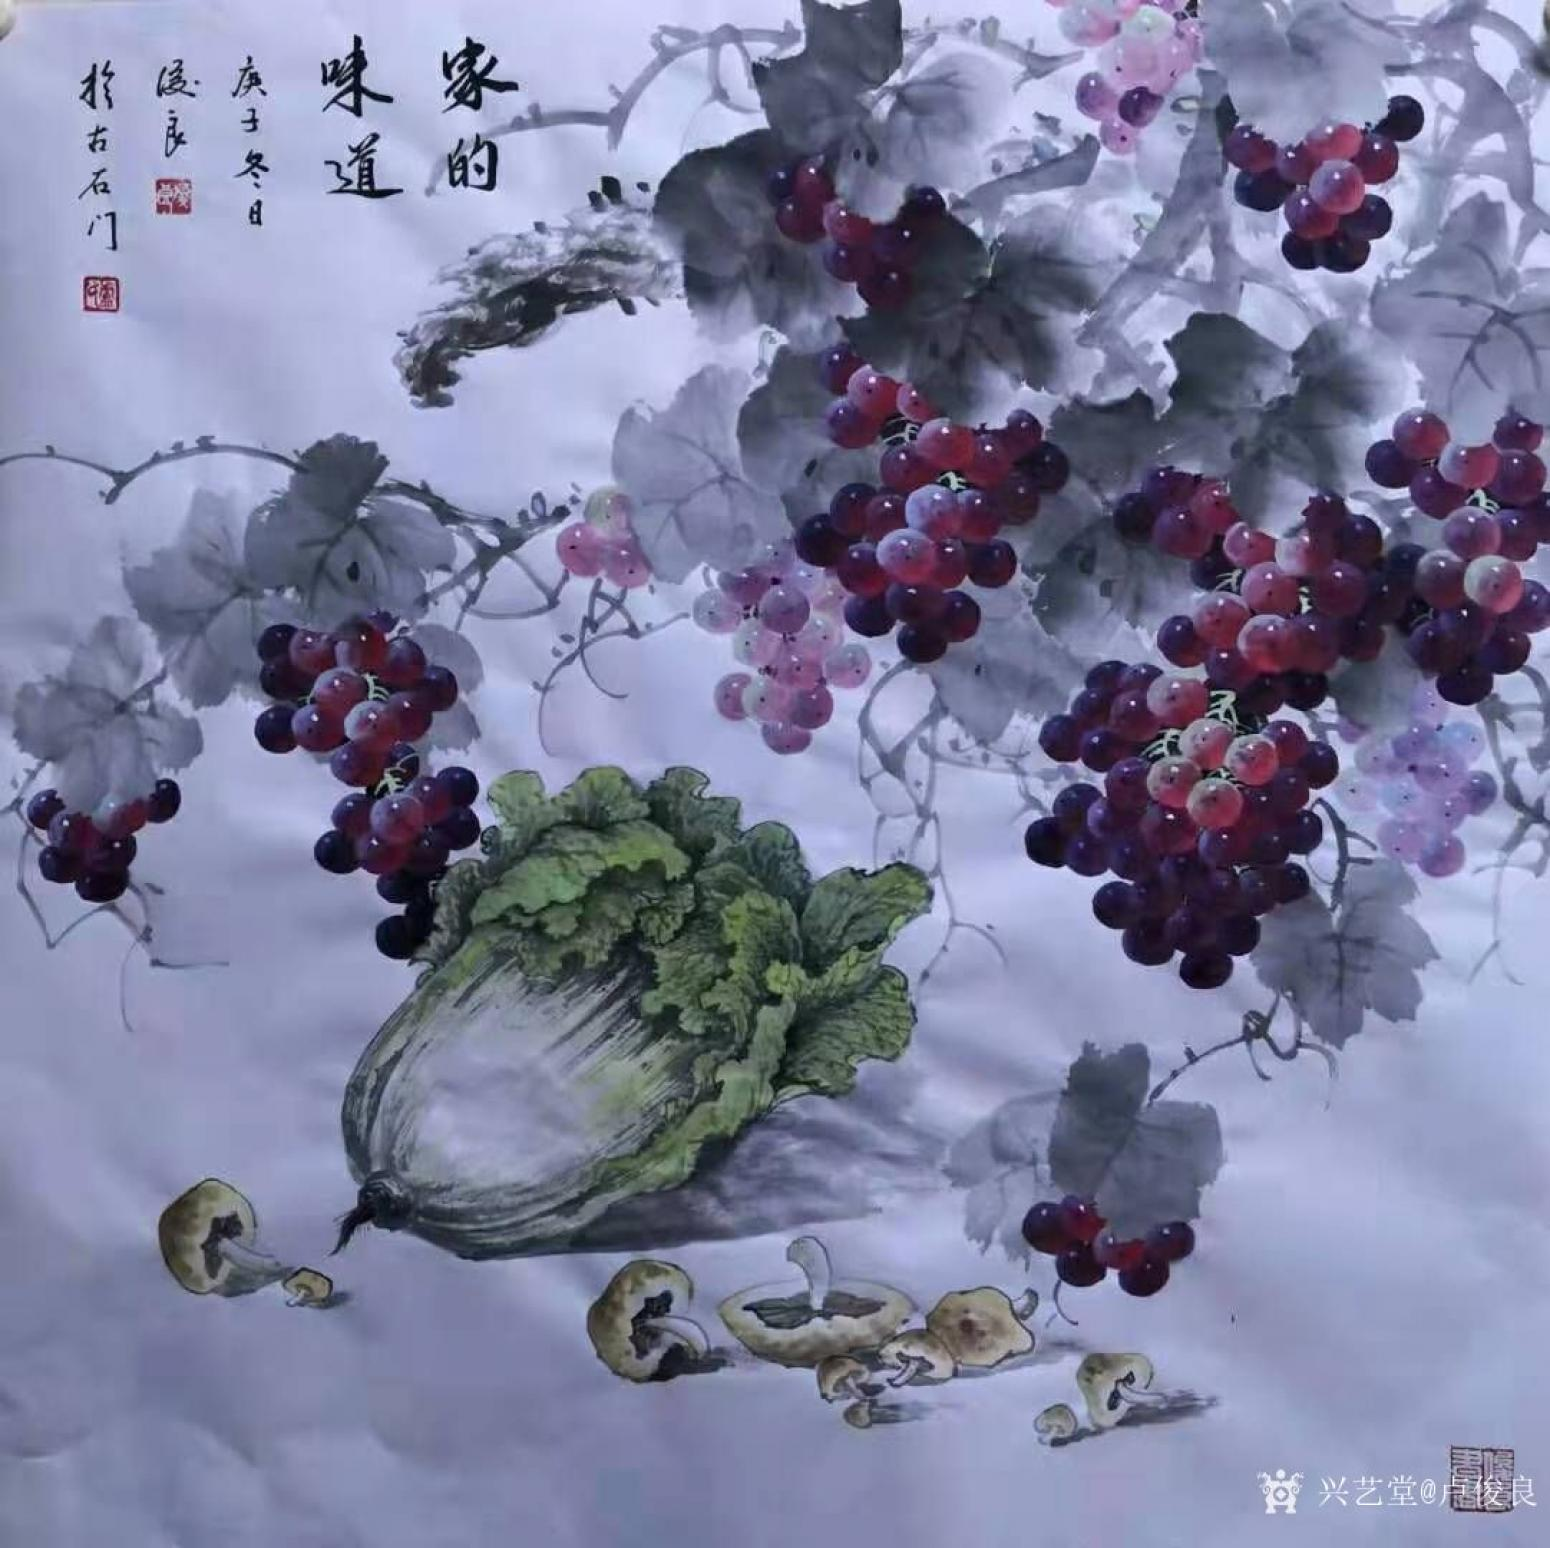 卢俊良国画作品《白菜葡萄-家的味道》